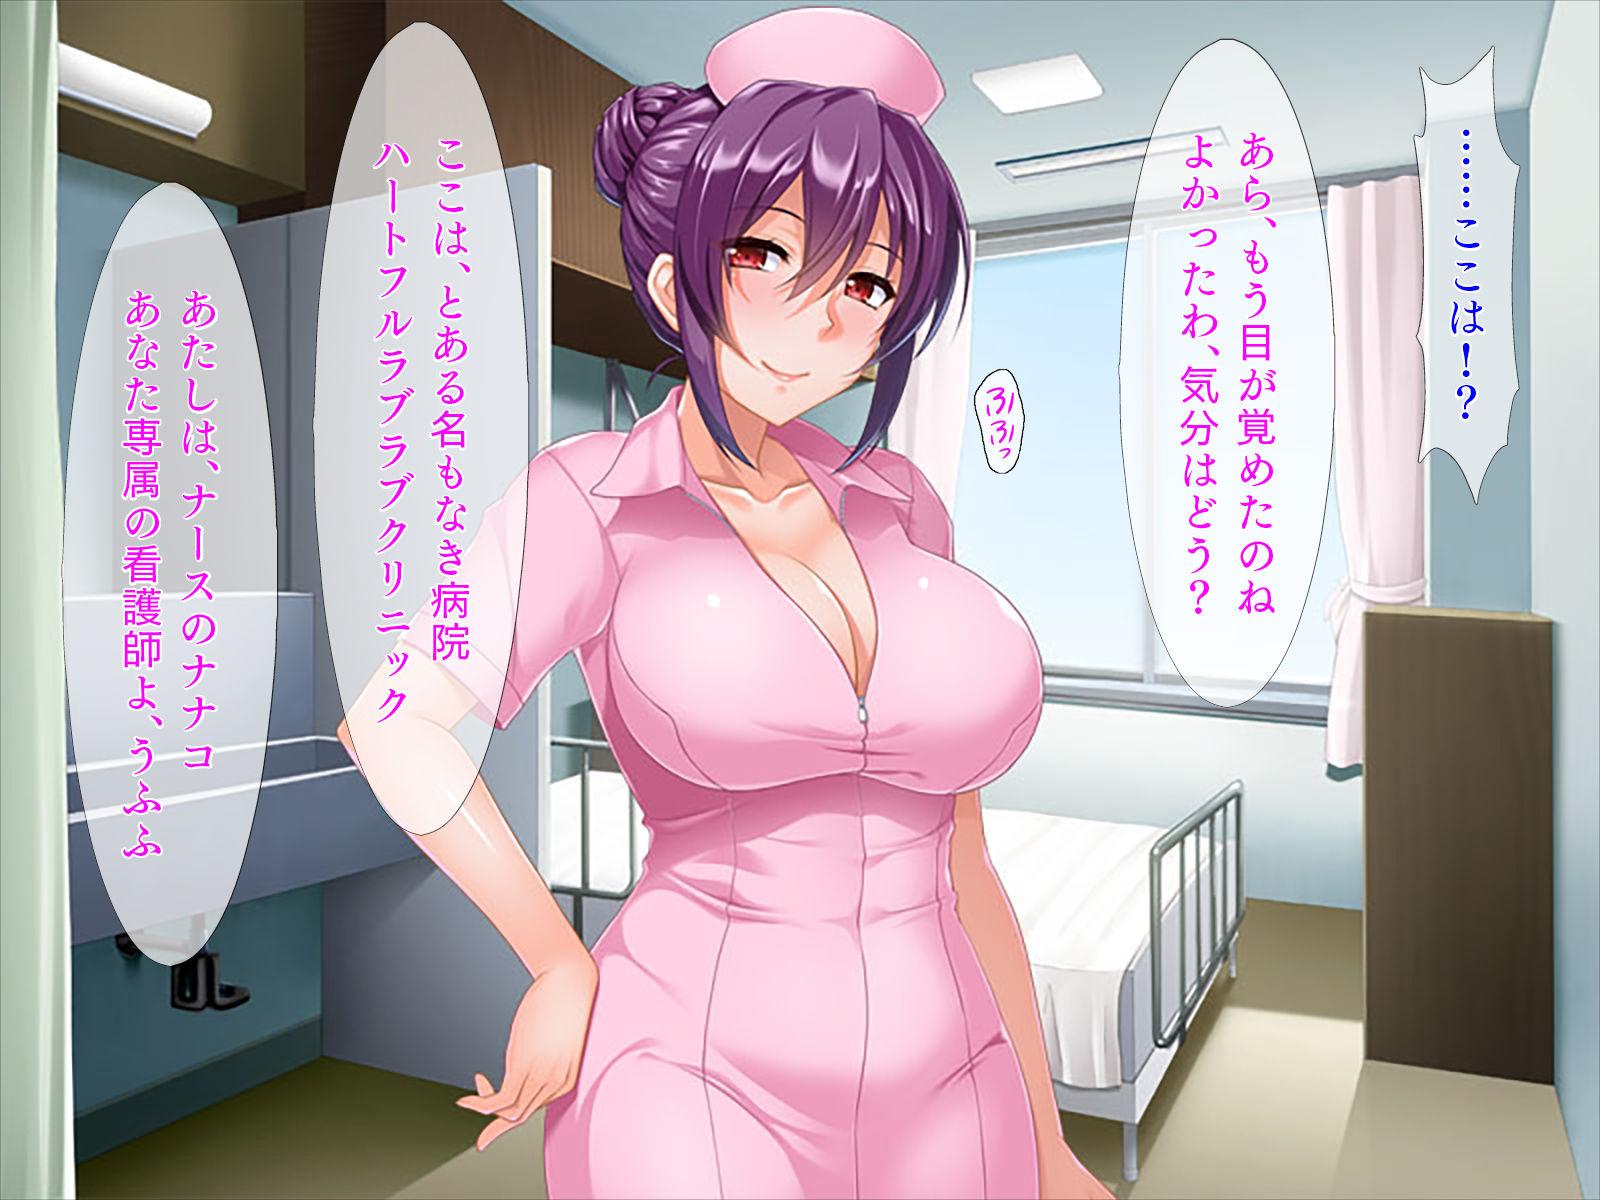 おっぱい看護婦の童貞クリニック